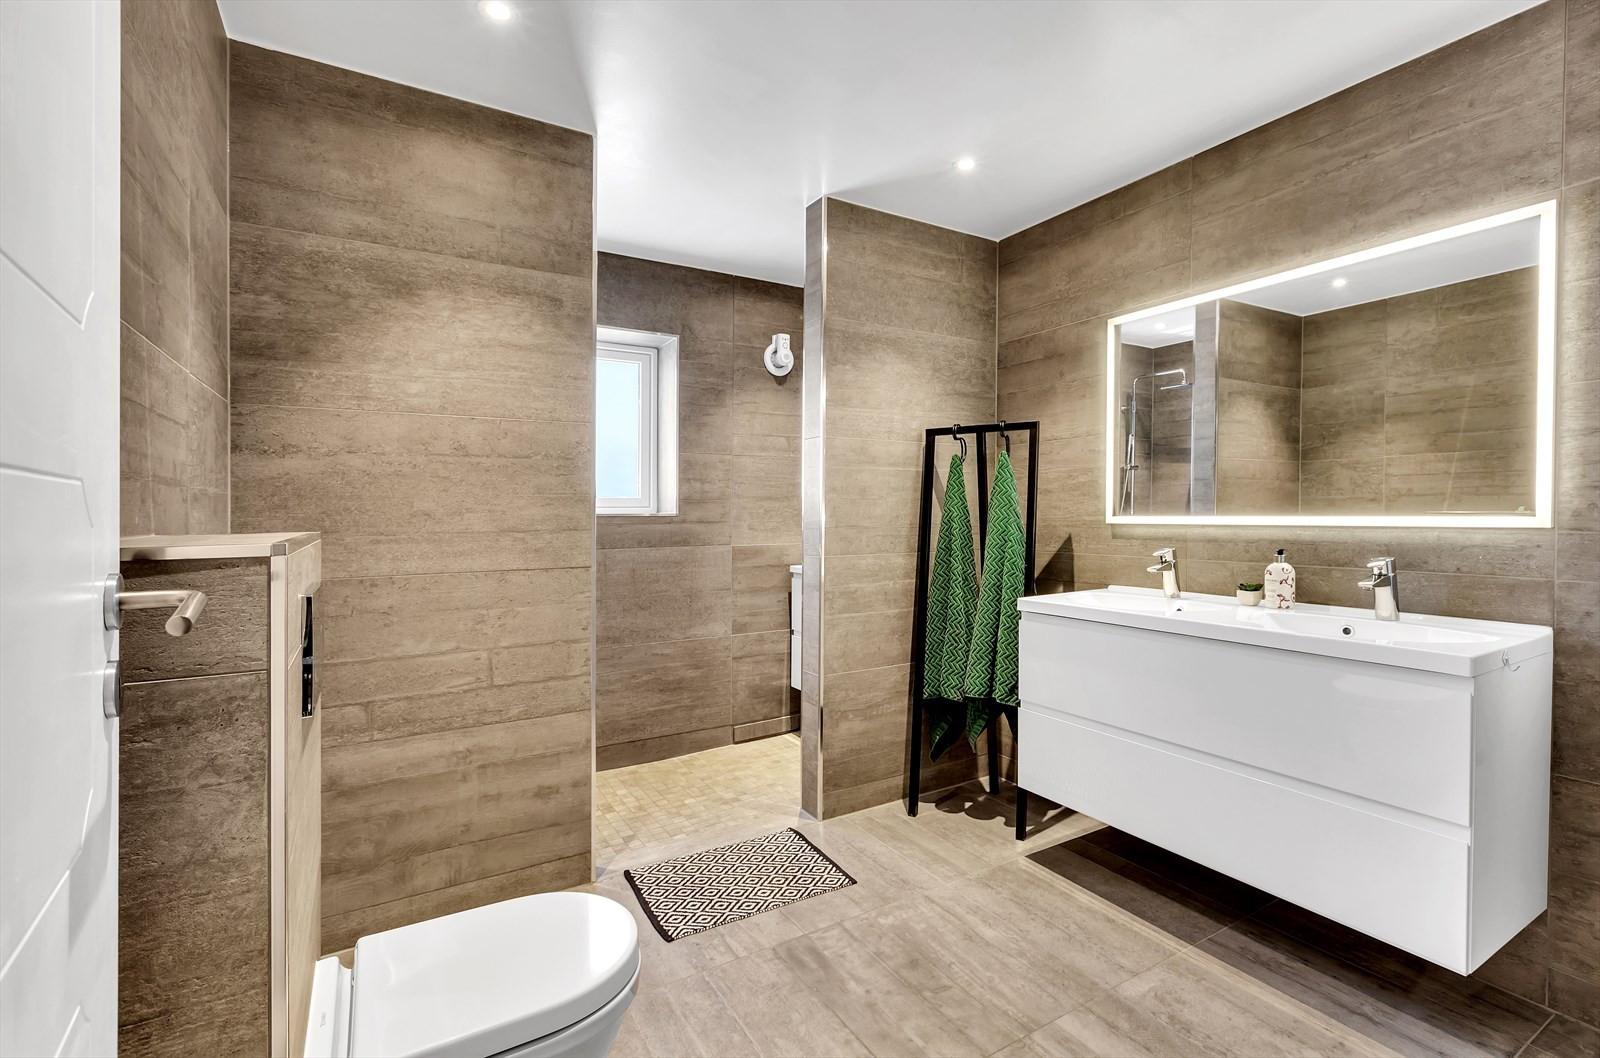 Boligen har ett meget delikat og stilrent bad med doble servanter, veggopphengt wc og romslig dusjhjørne.